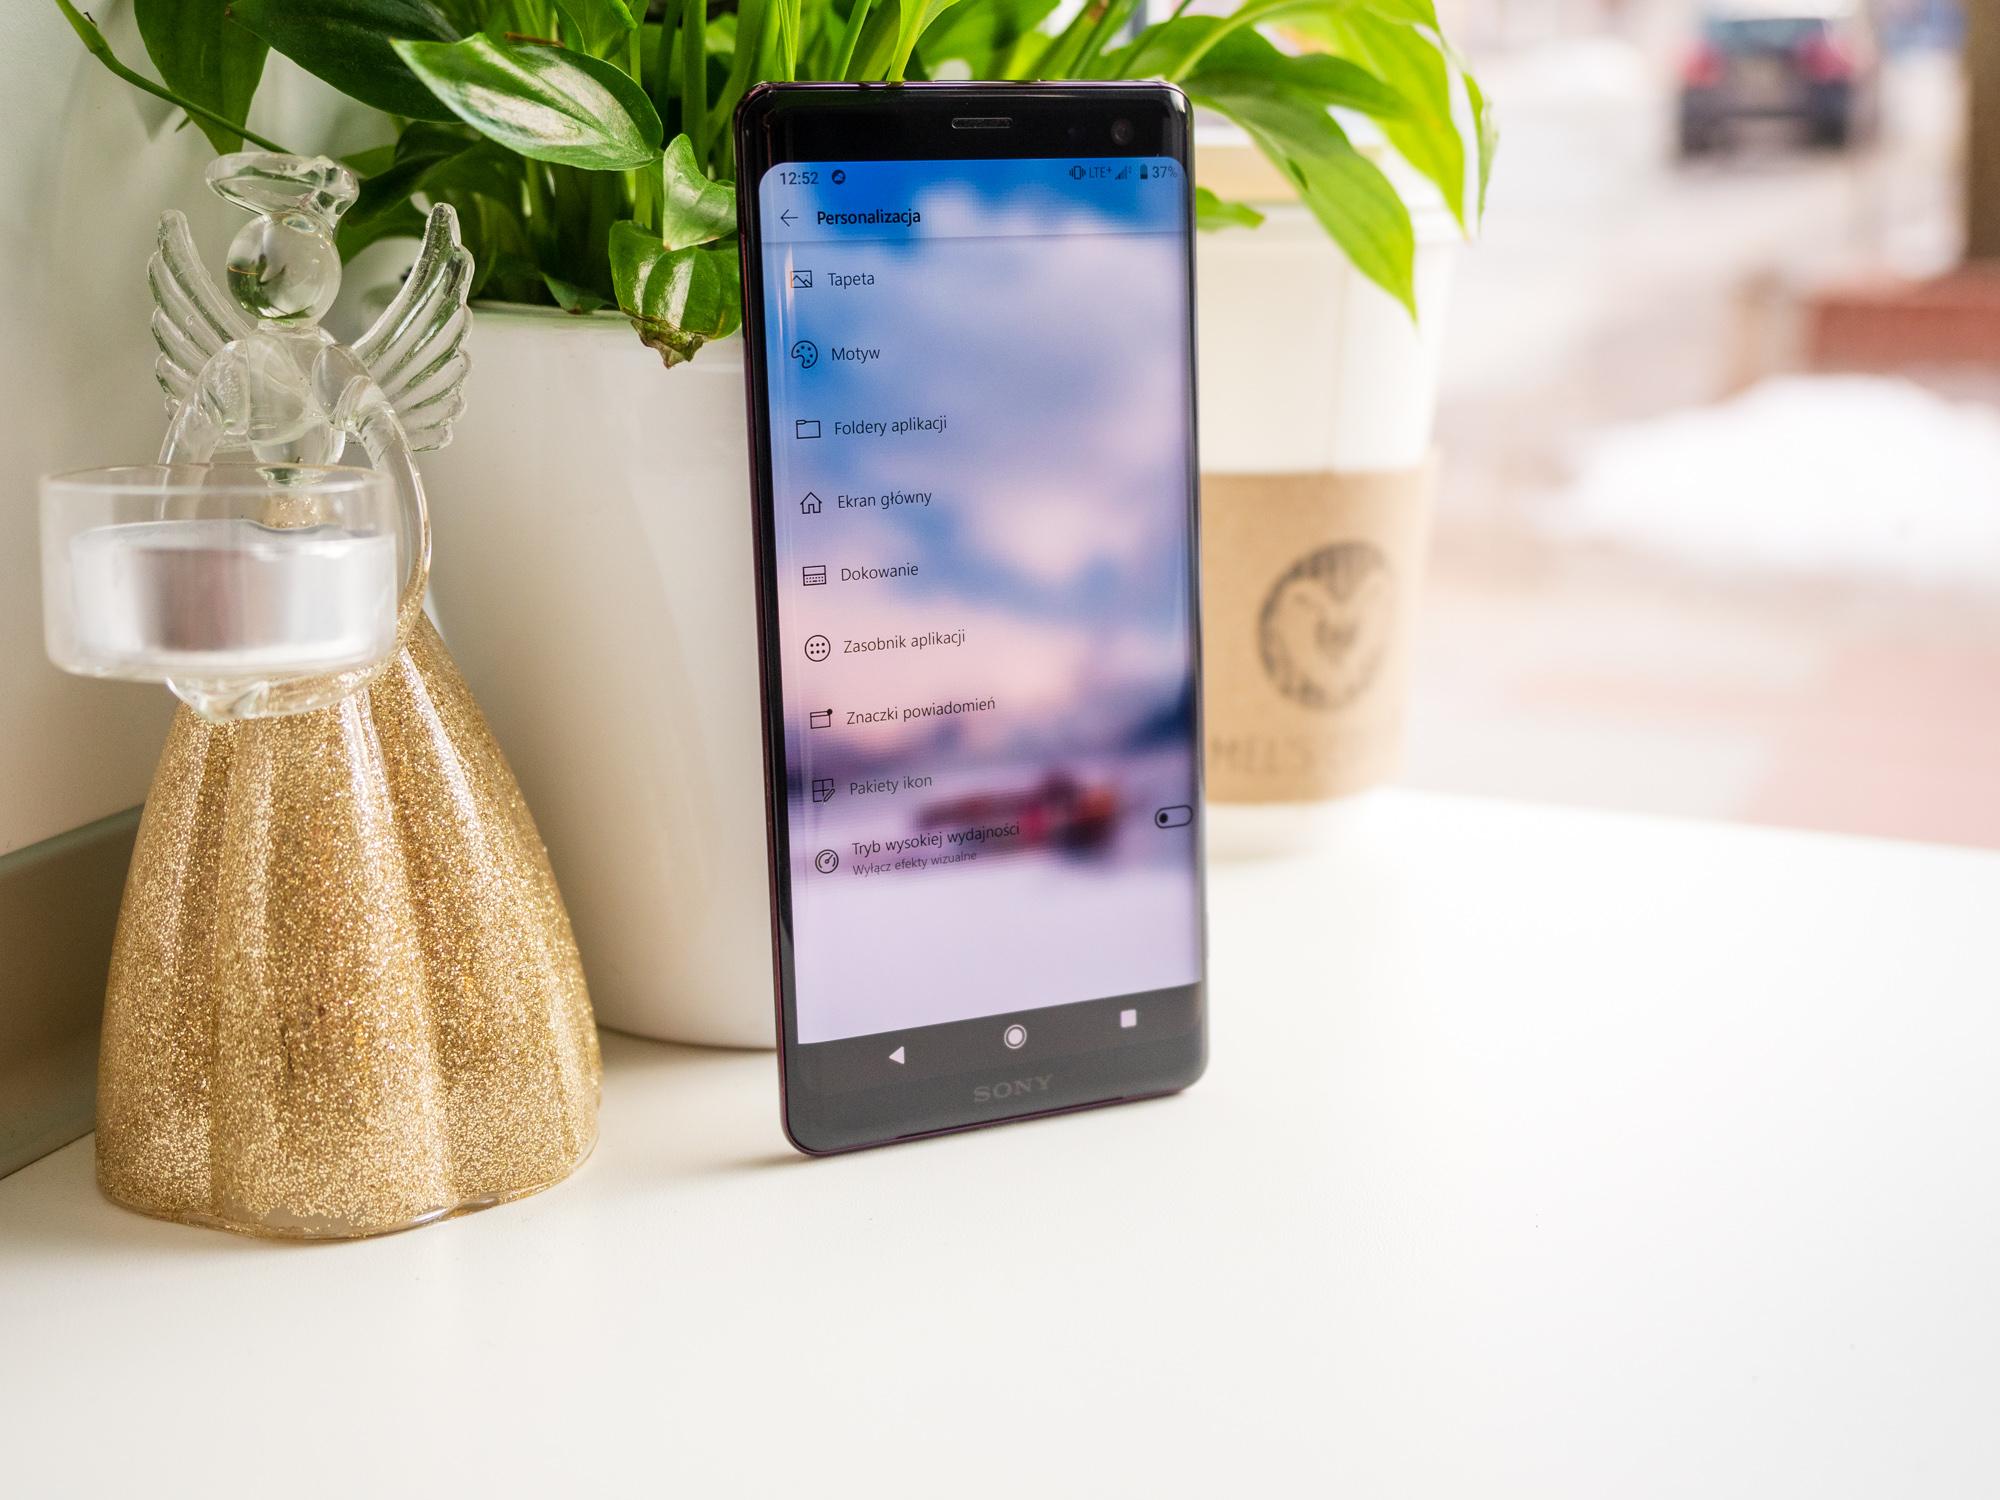 Najlepsze aplikacje na Androida 2019 - subiektywny przegląd